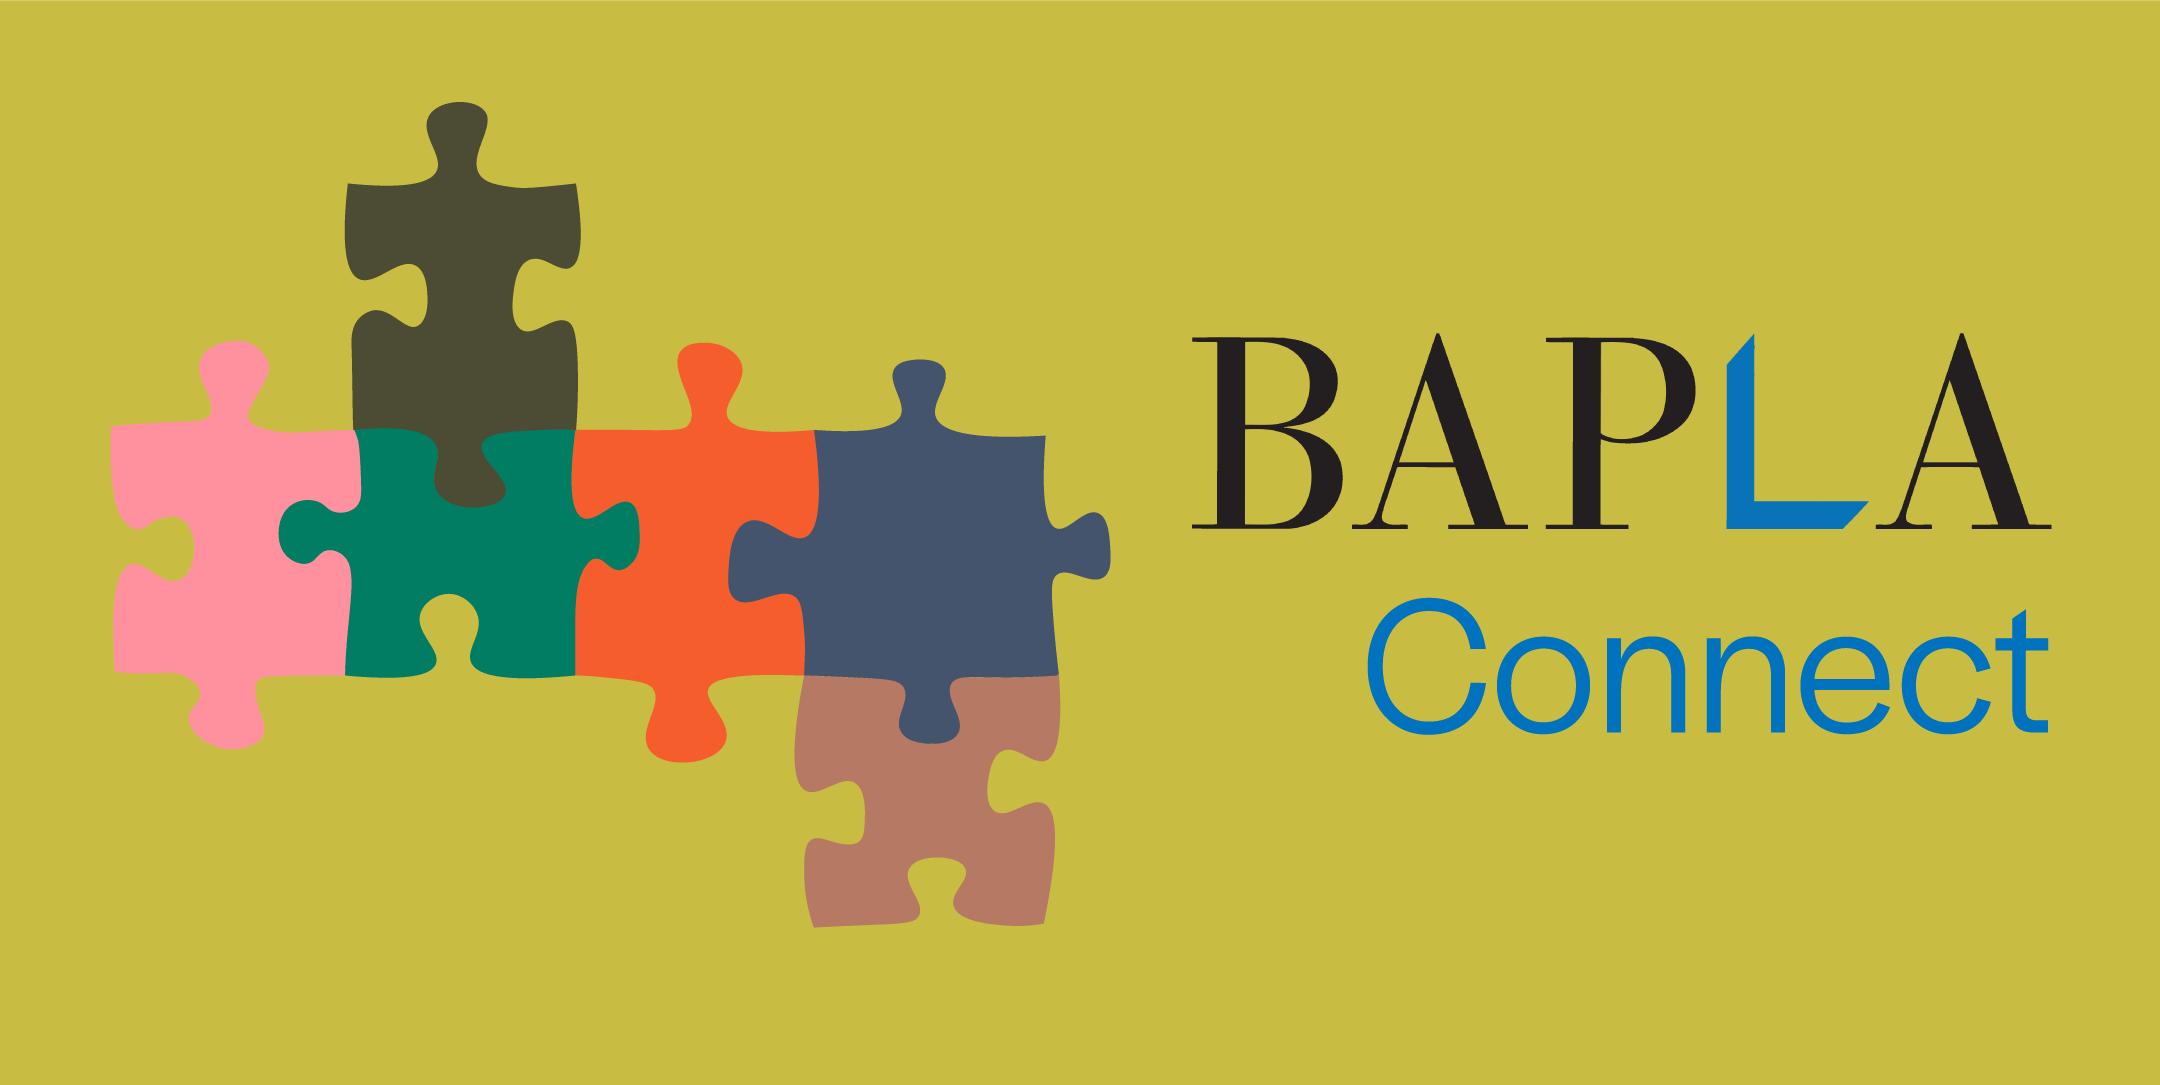 BAPLA-Connect-Eventbrite